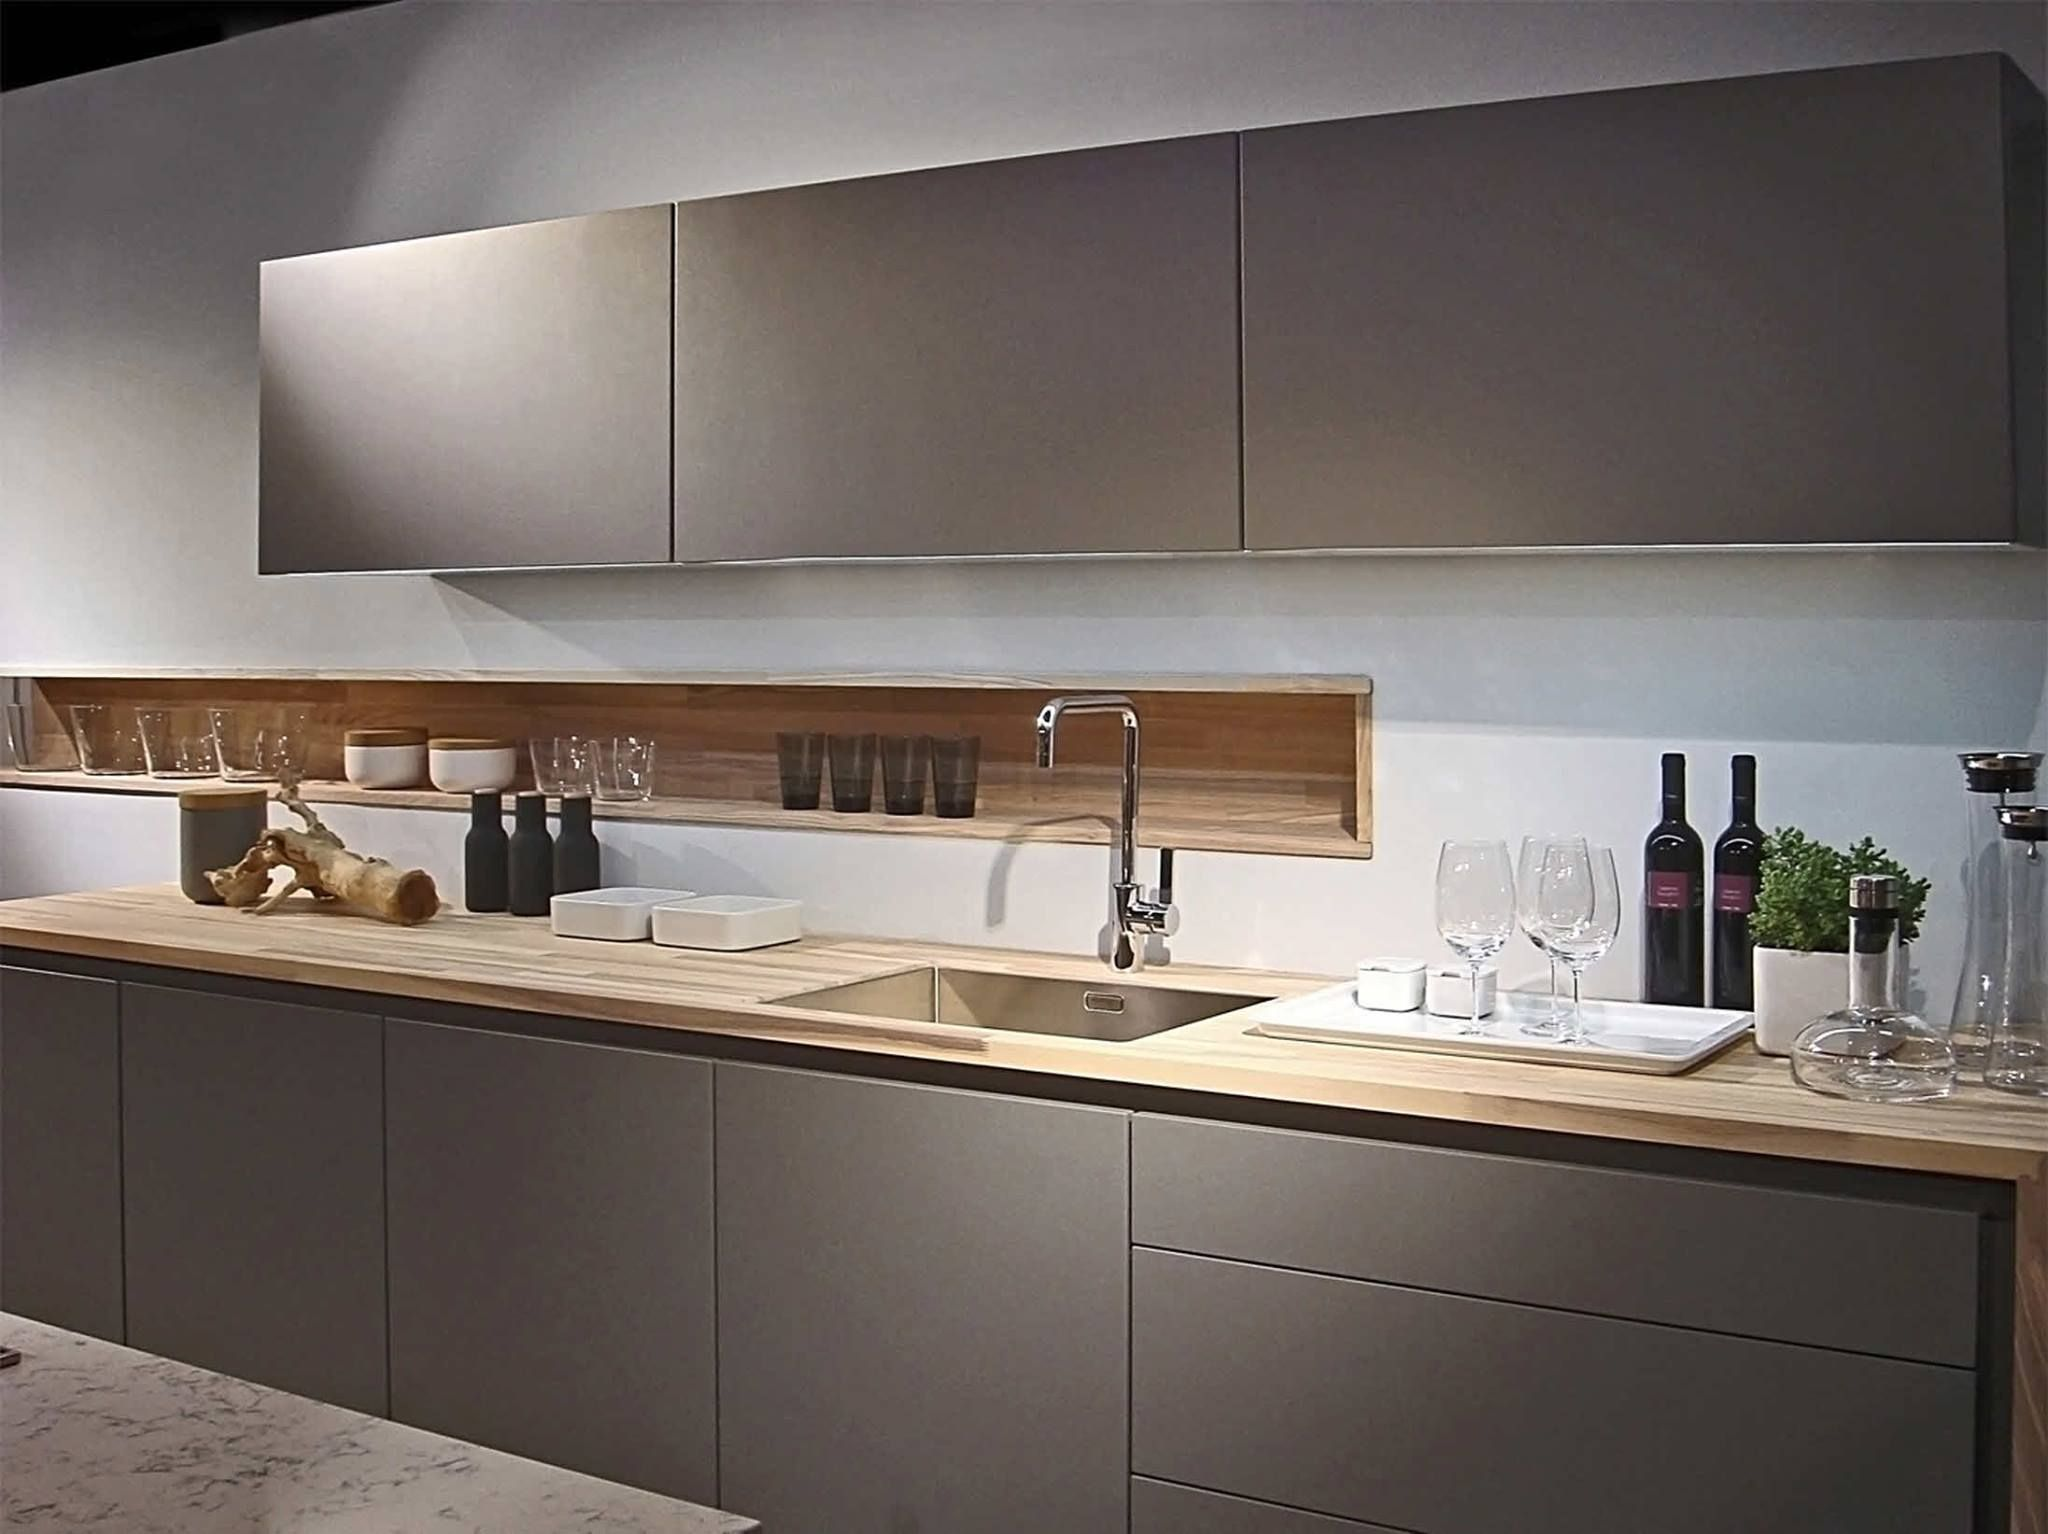 Innenarchitektur für küchenschrank kitch   kitchen  pinterest  graue küchen moderne küche und